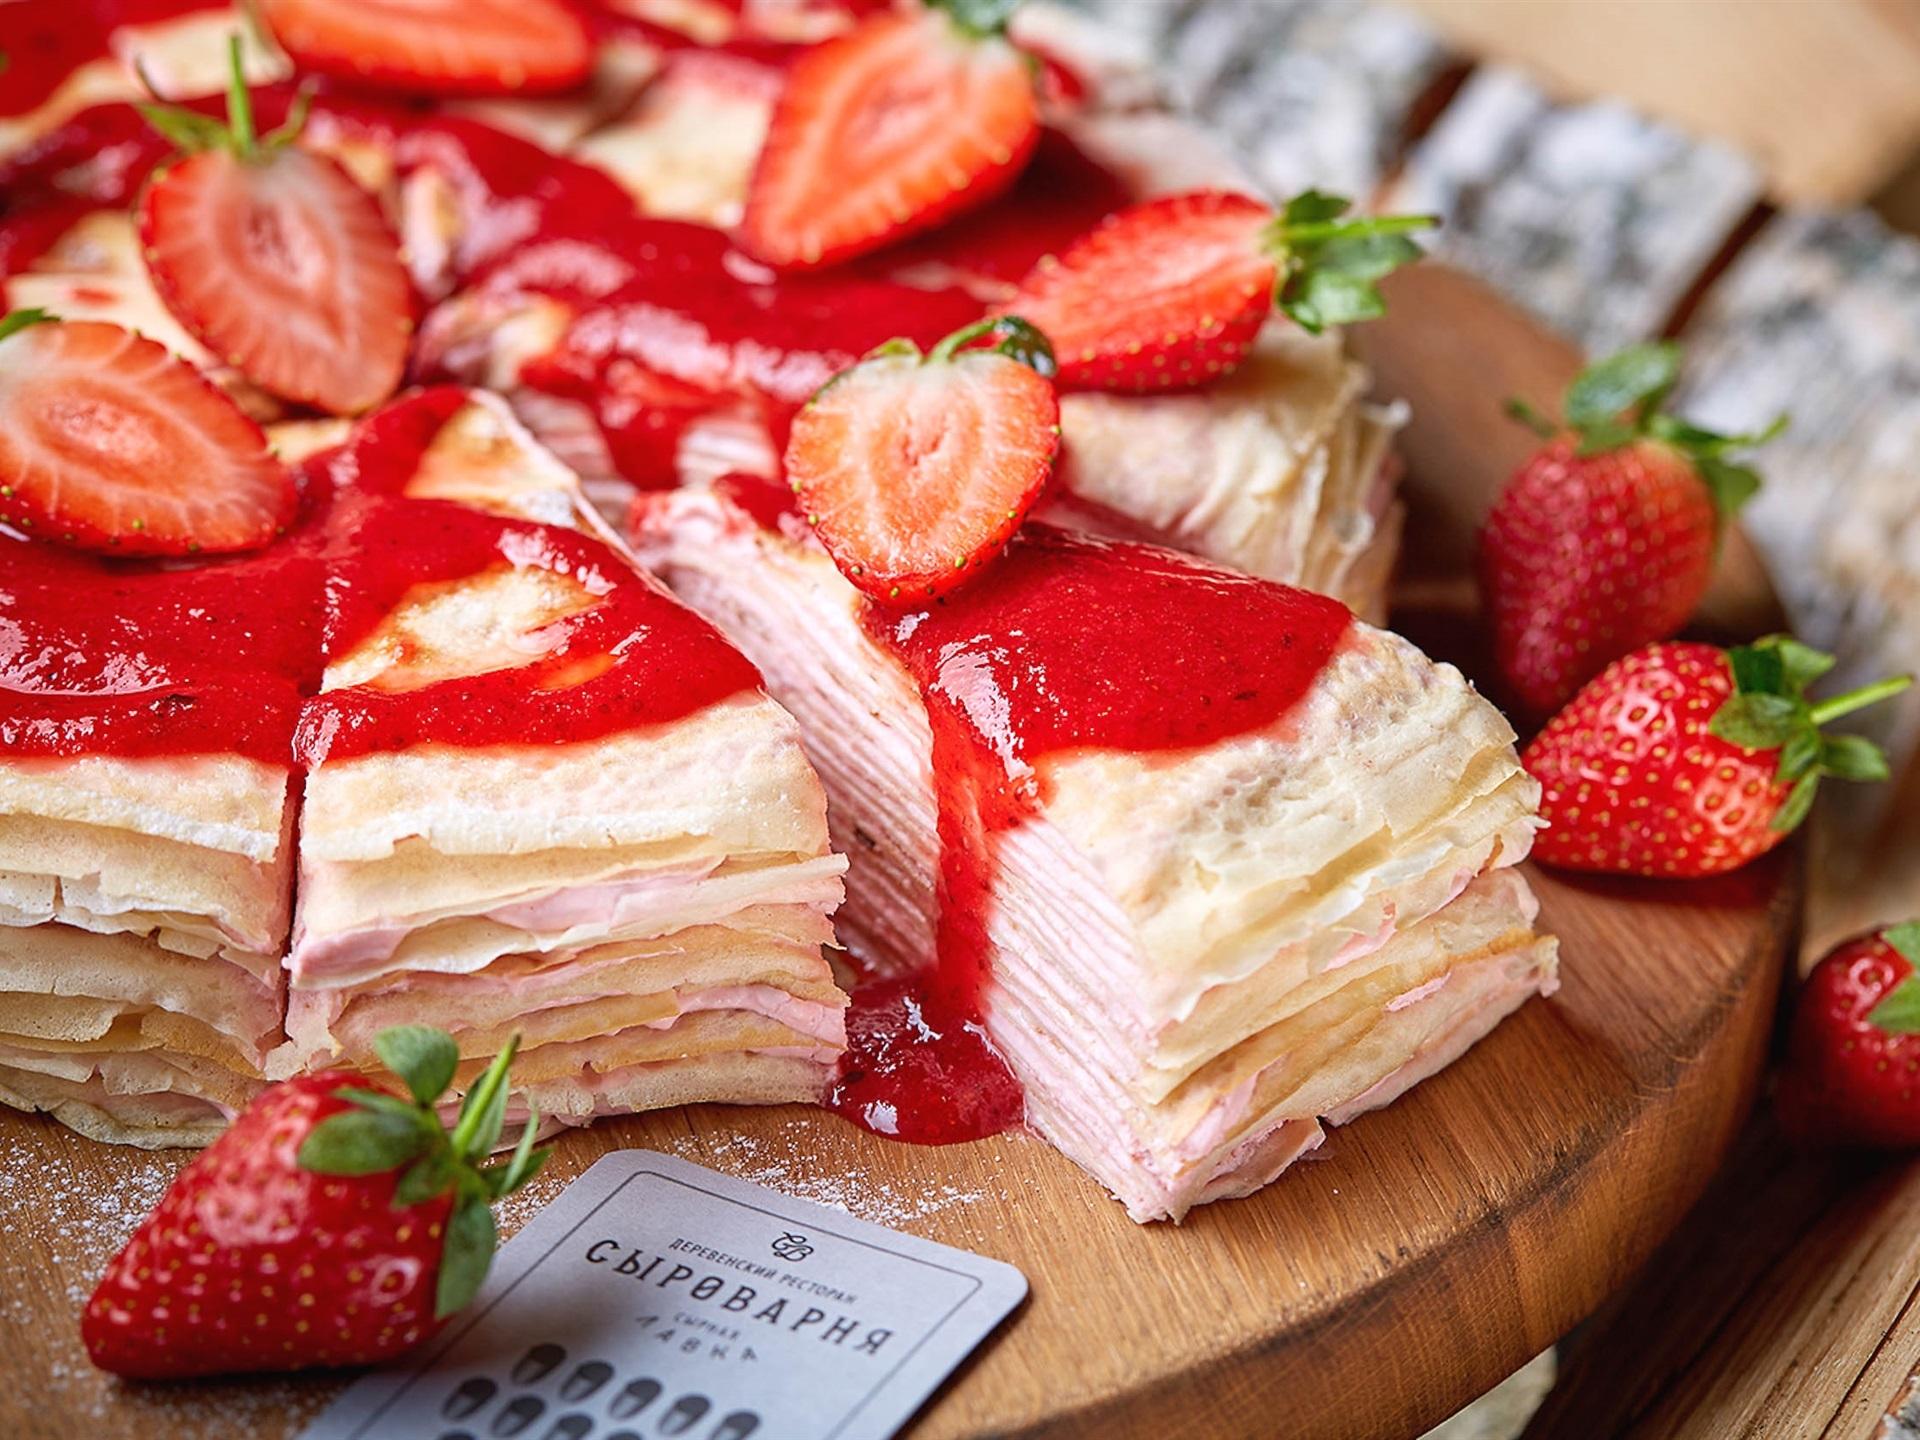 壁紙 パンケーキ イチゴ ピース 食品 1920x1440 Hd 無料の